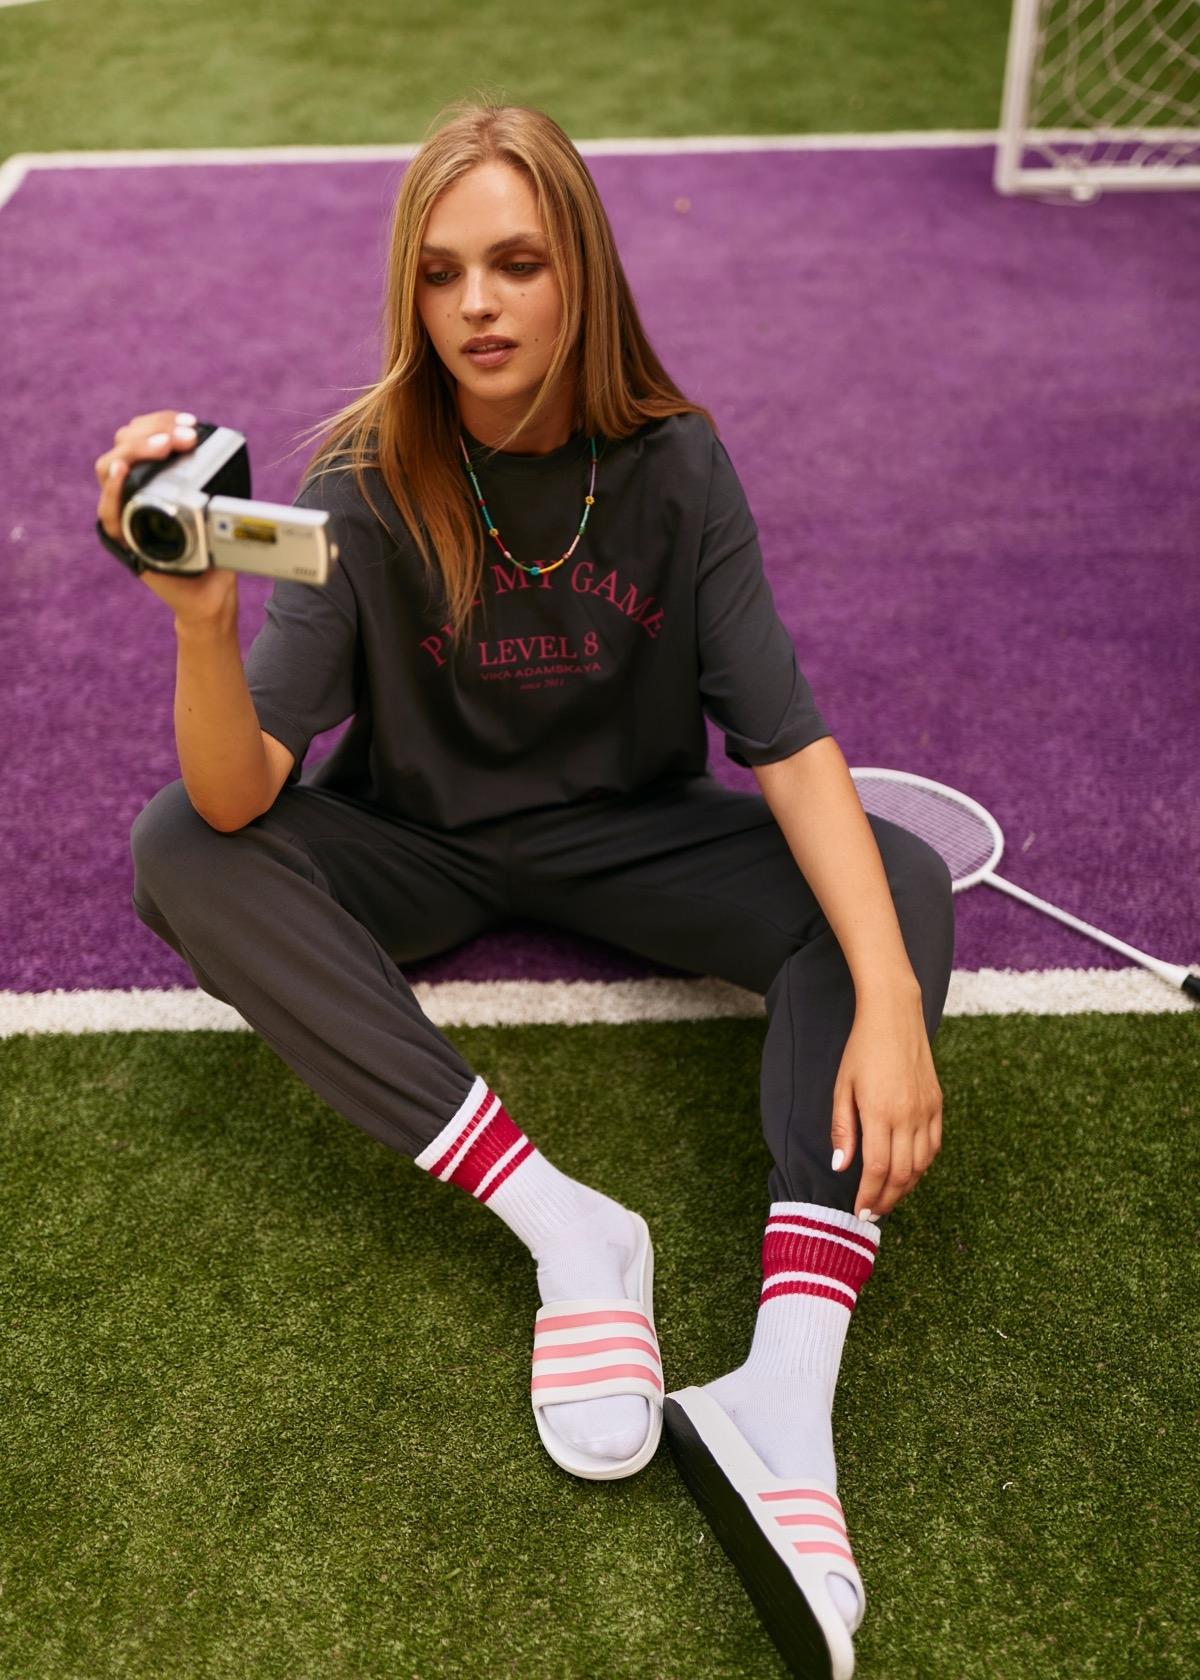 В этом мире побеждает любовь: бренд VIKA ADAMSKAYA представил новую коллекцию стильной спортивной одежды (ФОТО) - фото №1